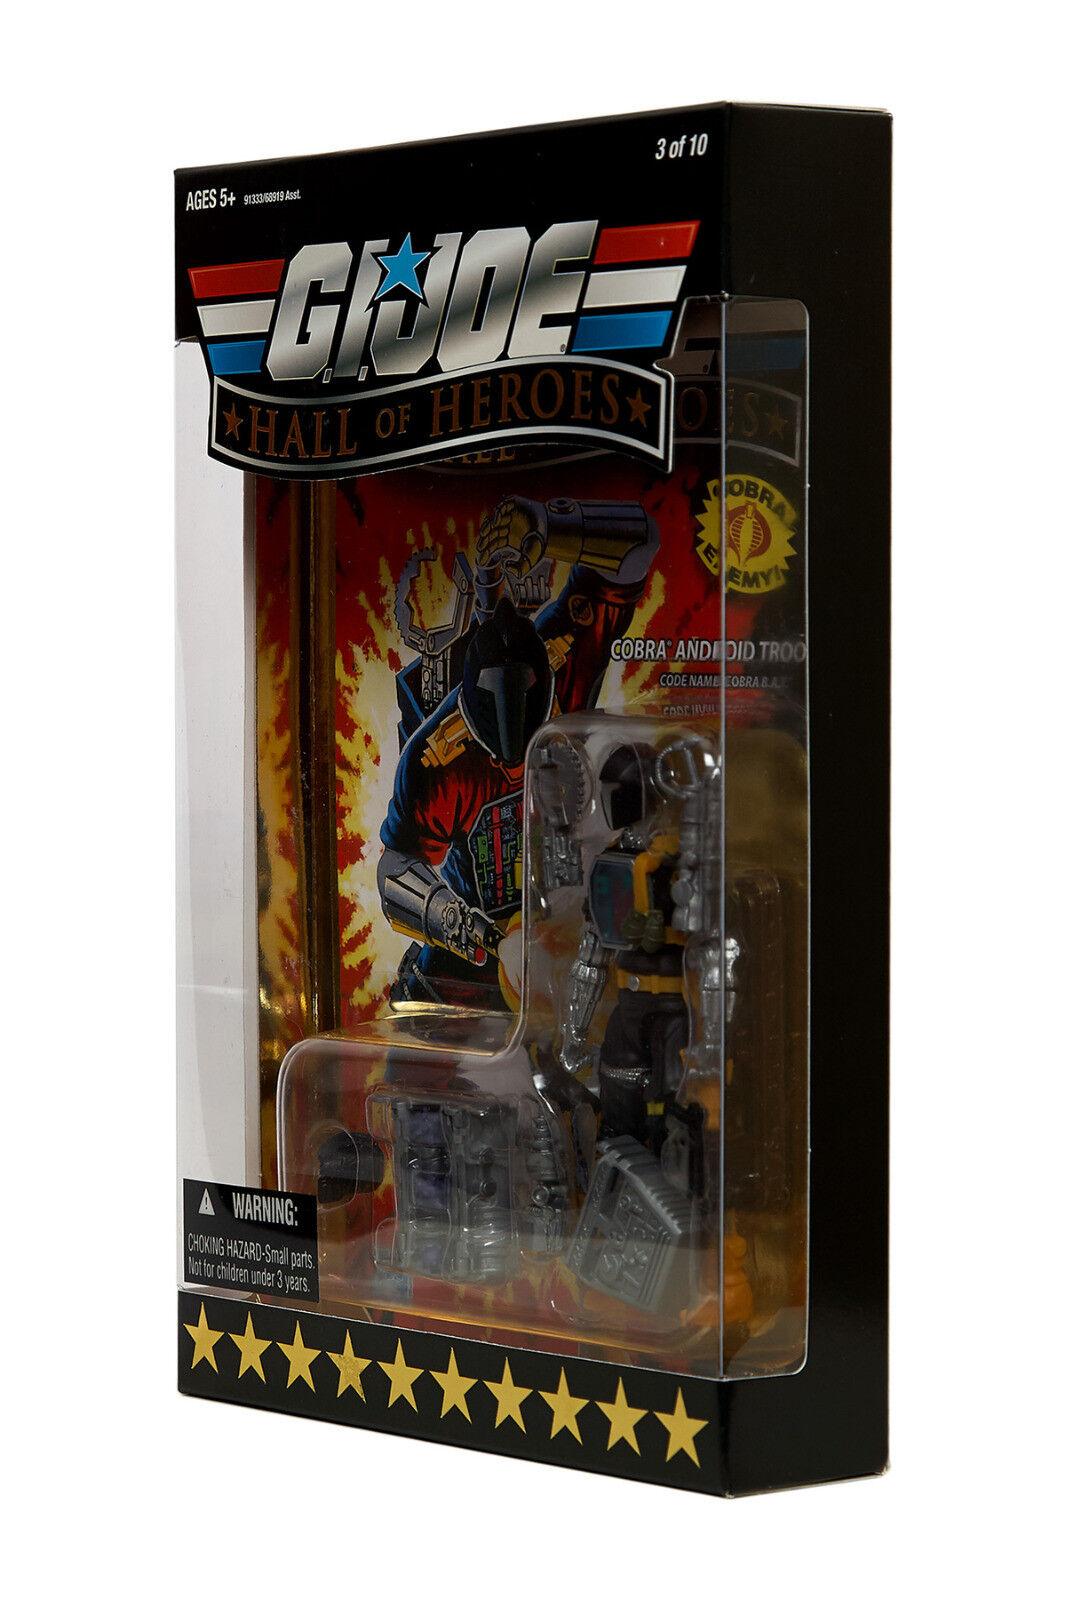 GI JOE | Hall of Heroes | Cobra B.A.T Mint | Mint B.A.T |Sealed | Unopened | 2008 afb8a2